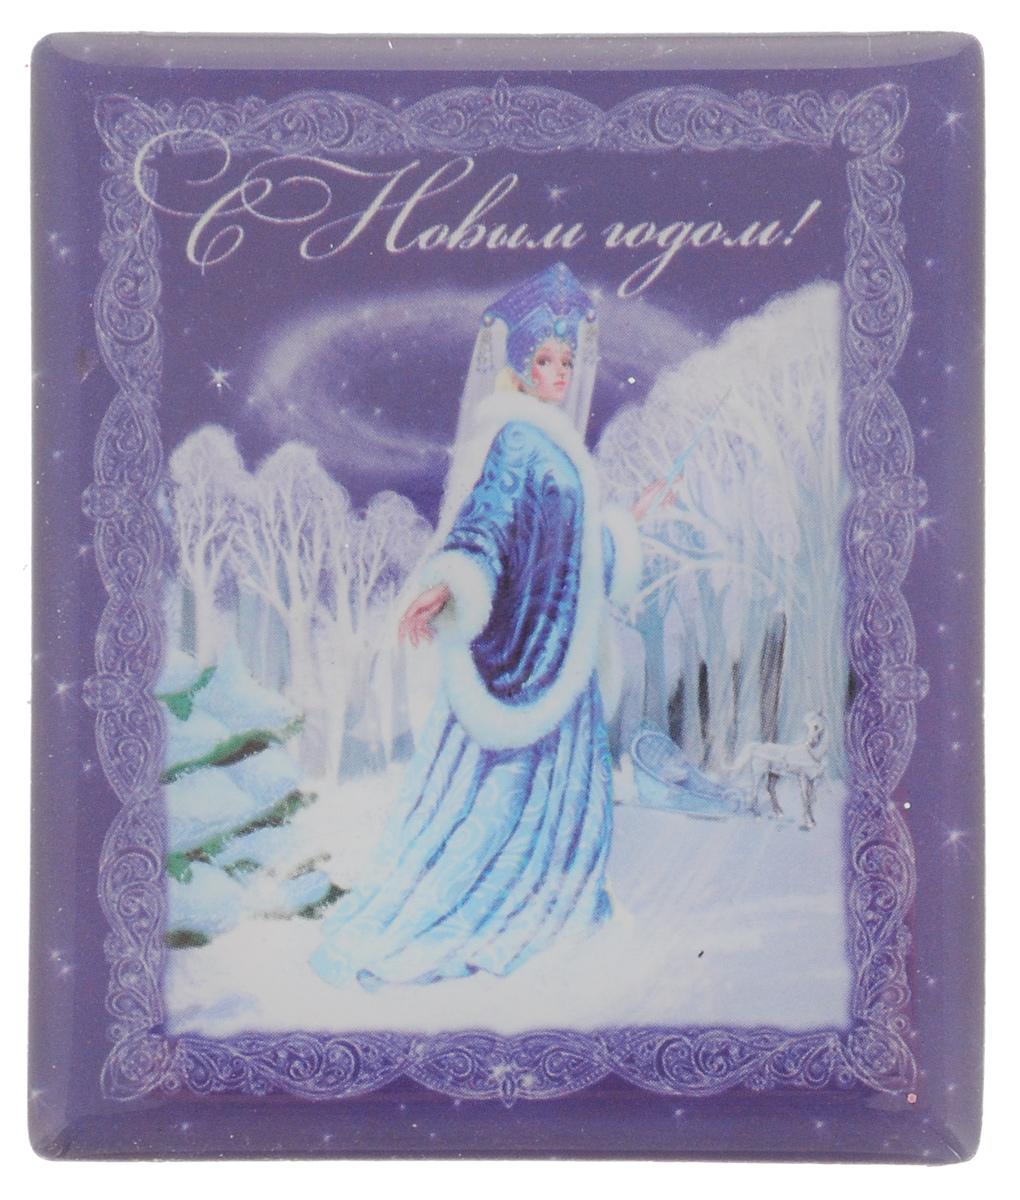 Магнит Феникс-Презент Снежная королева, 6 x 5 см2446Магнит прямоугольной формы Феникс-Презент Снежная королева,выполненный из агломерированного феррита, станет приятным штрихом вповседневной жизни. Оригинальный магнит, декорированный изображением снежной королевы и надписью СНовым годом, поможет вам украсить не только холодильник, но и любую другую магнитнуюповерхность.Материал: агломерированный феррит.